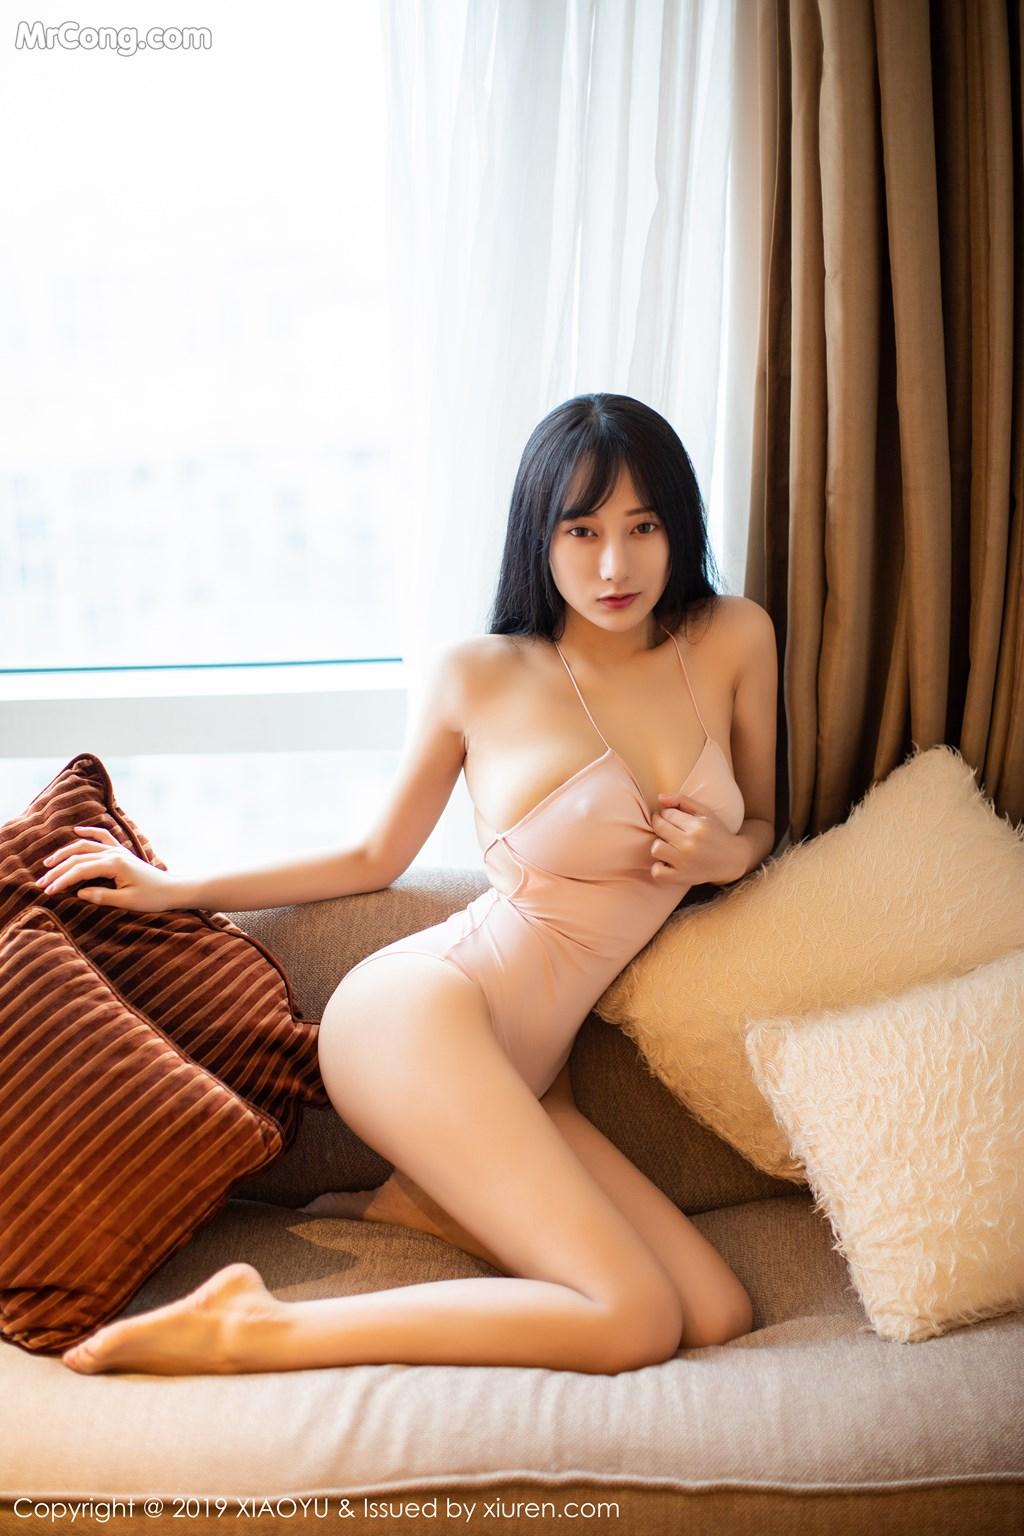 Image XiaoYu-Vol.097-He-Jia-Ying-MrCong.com-003 in post XiaoYu Vol.097: He Jia Ying (何嘉颖) (67 ảnh)